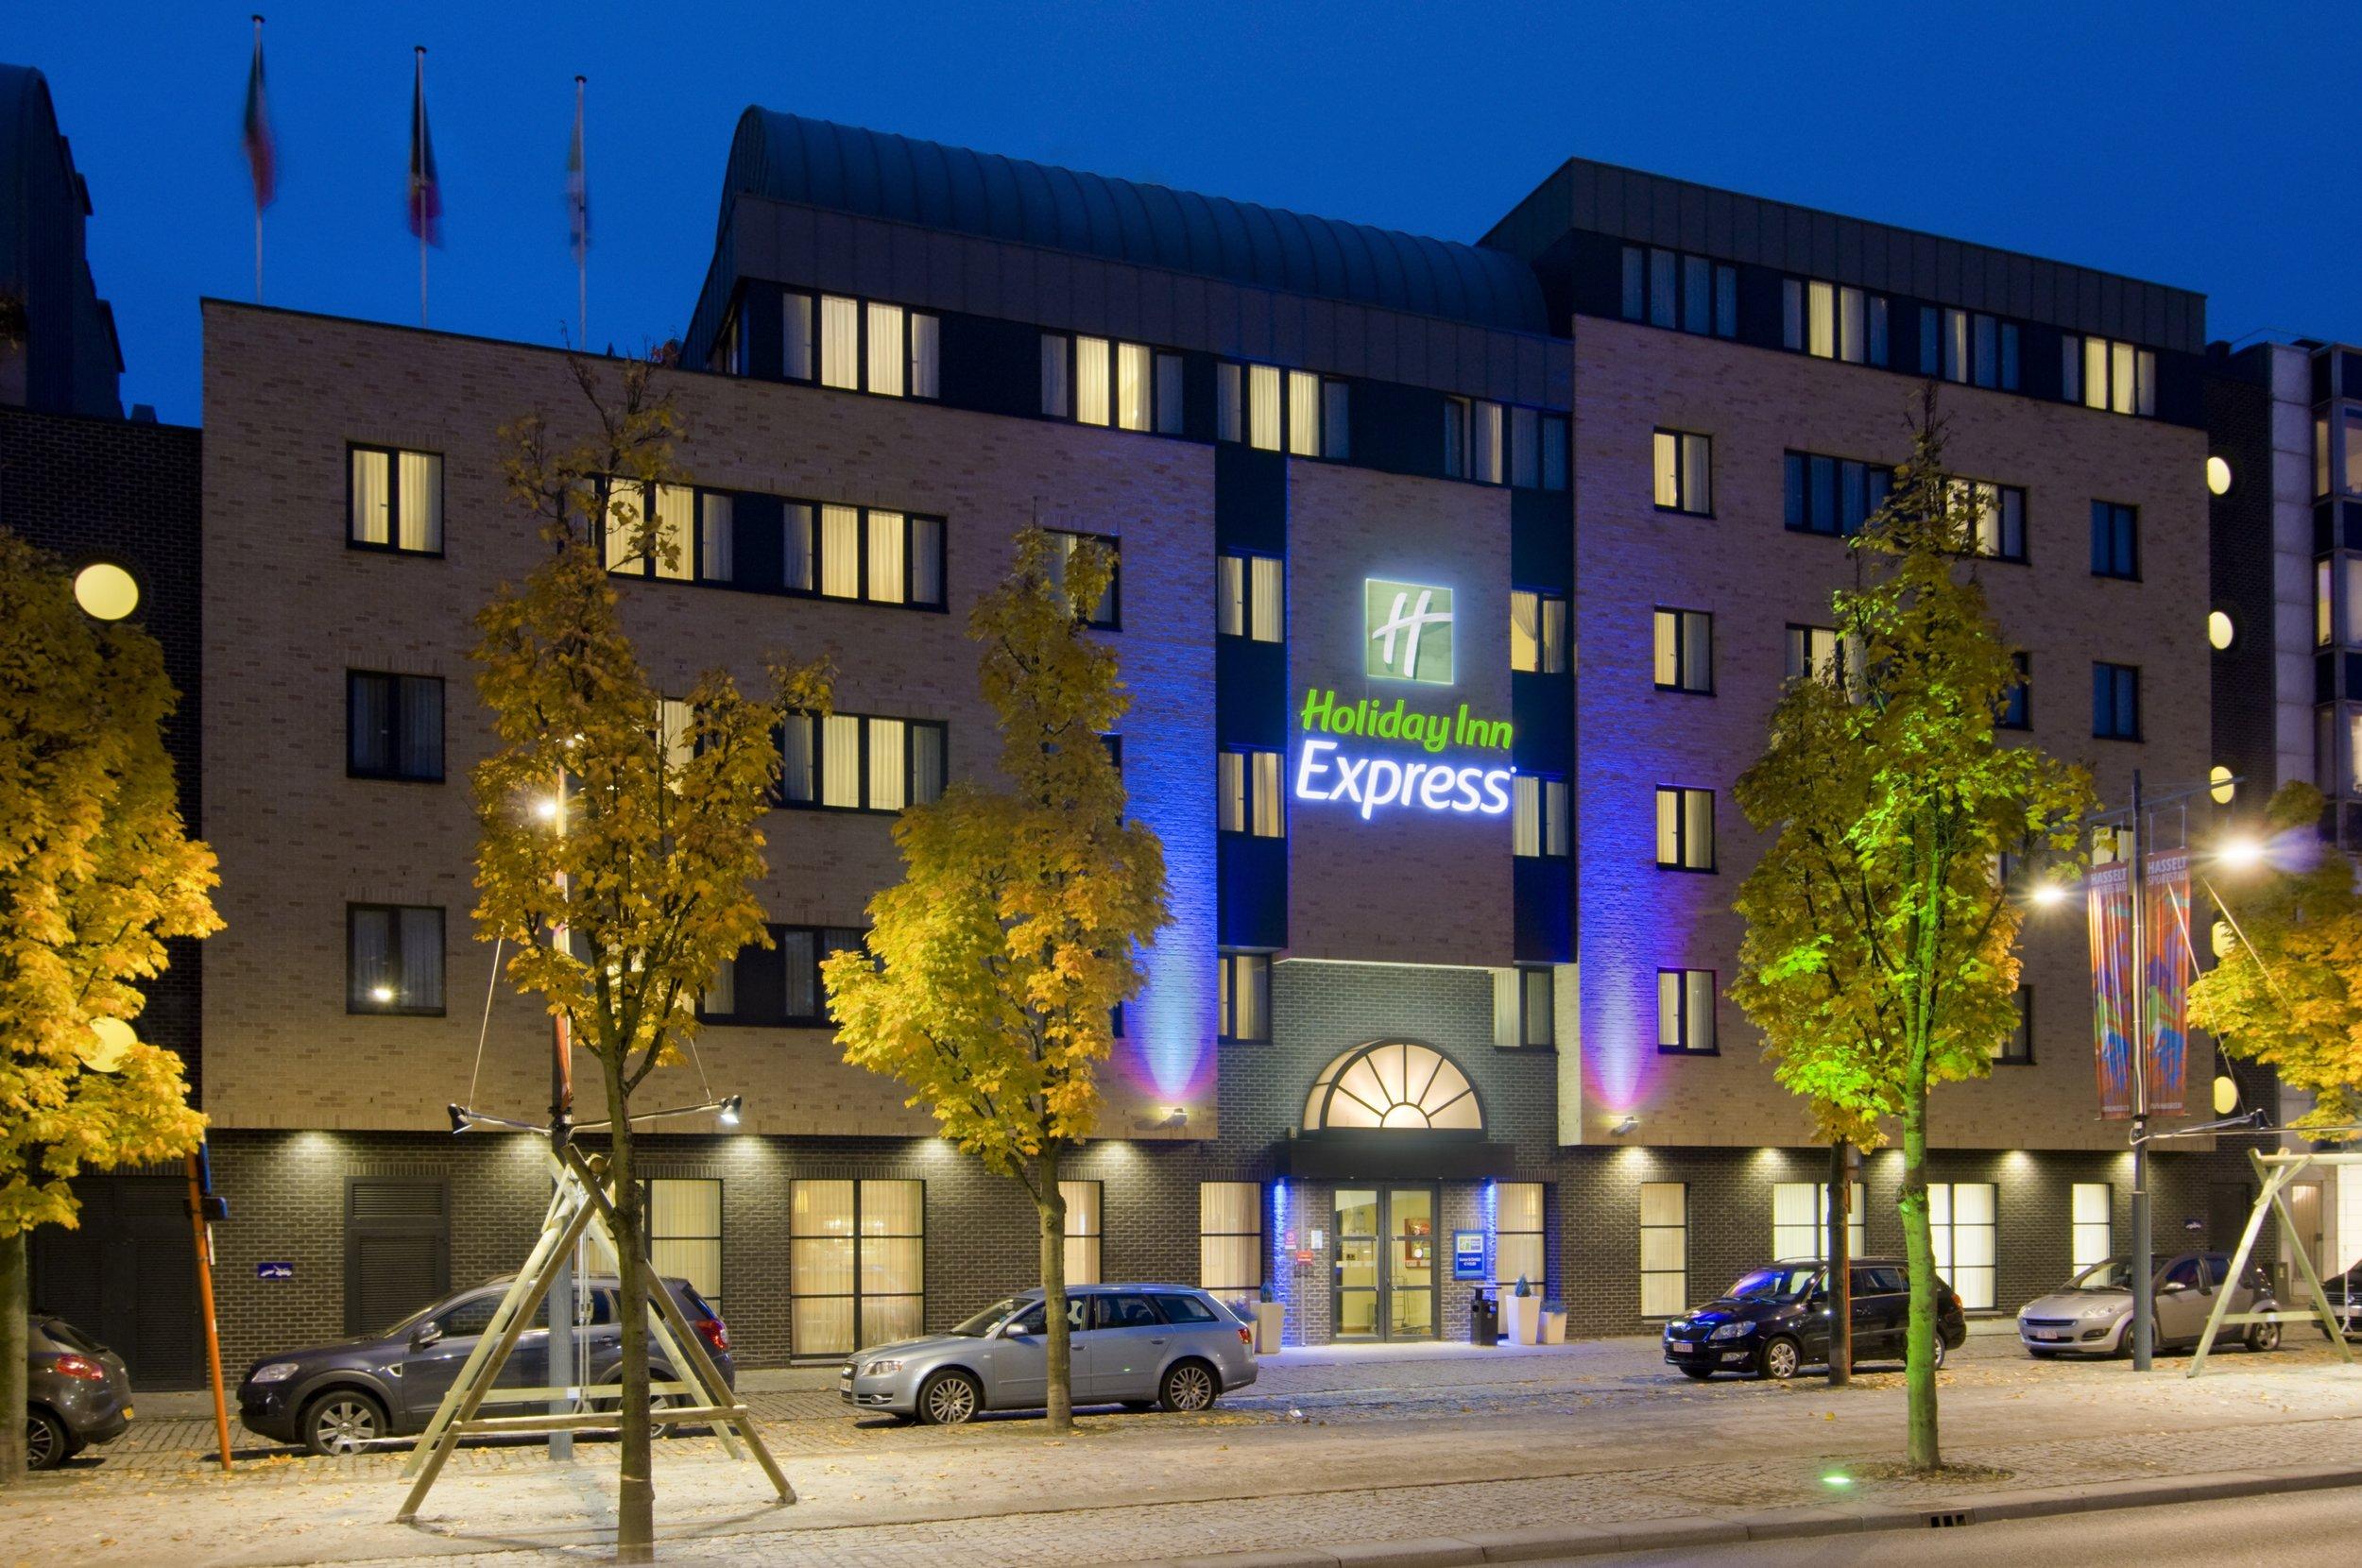 Holiday Inn Express Hasselt - Management